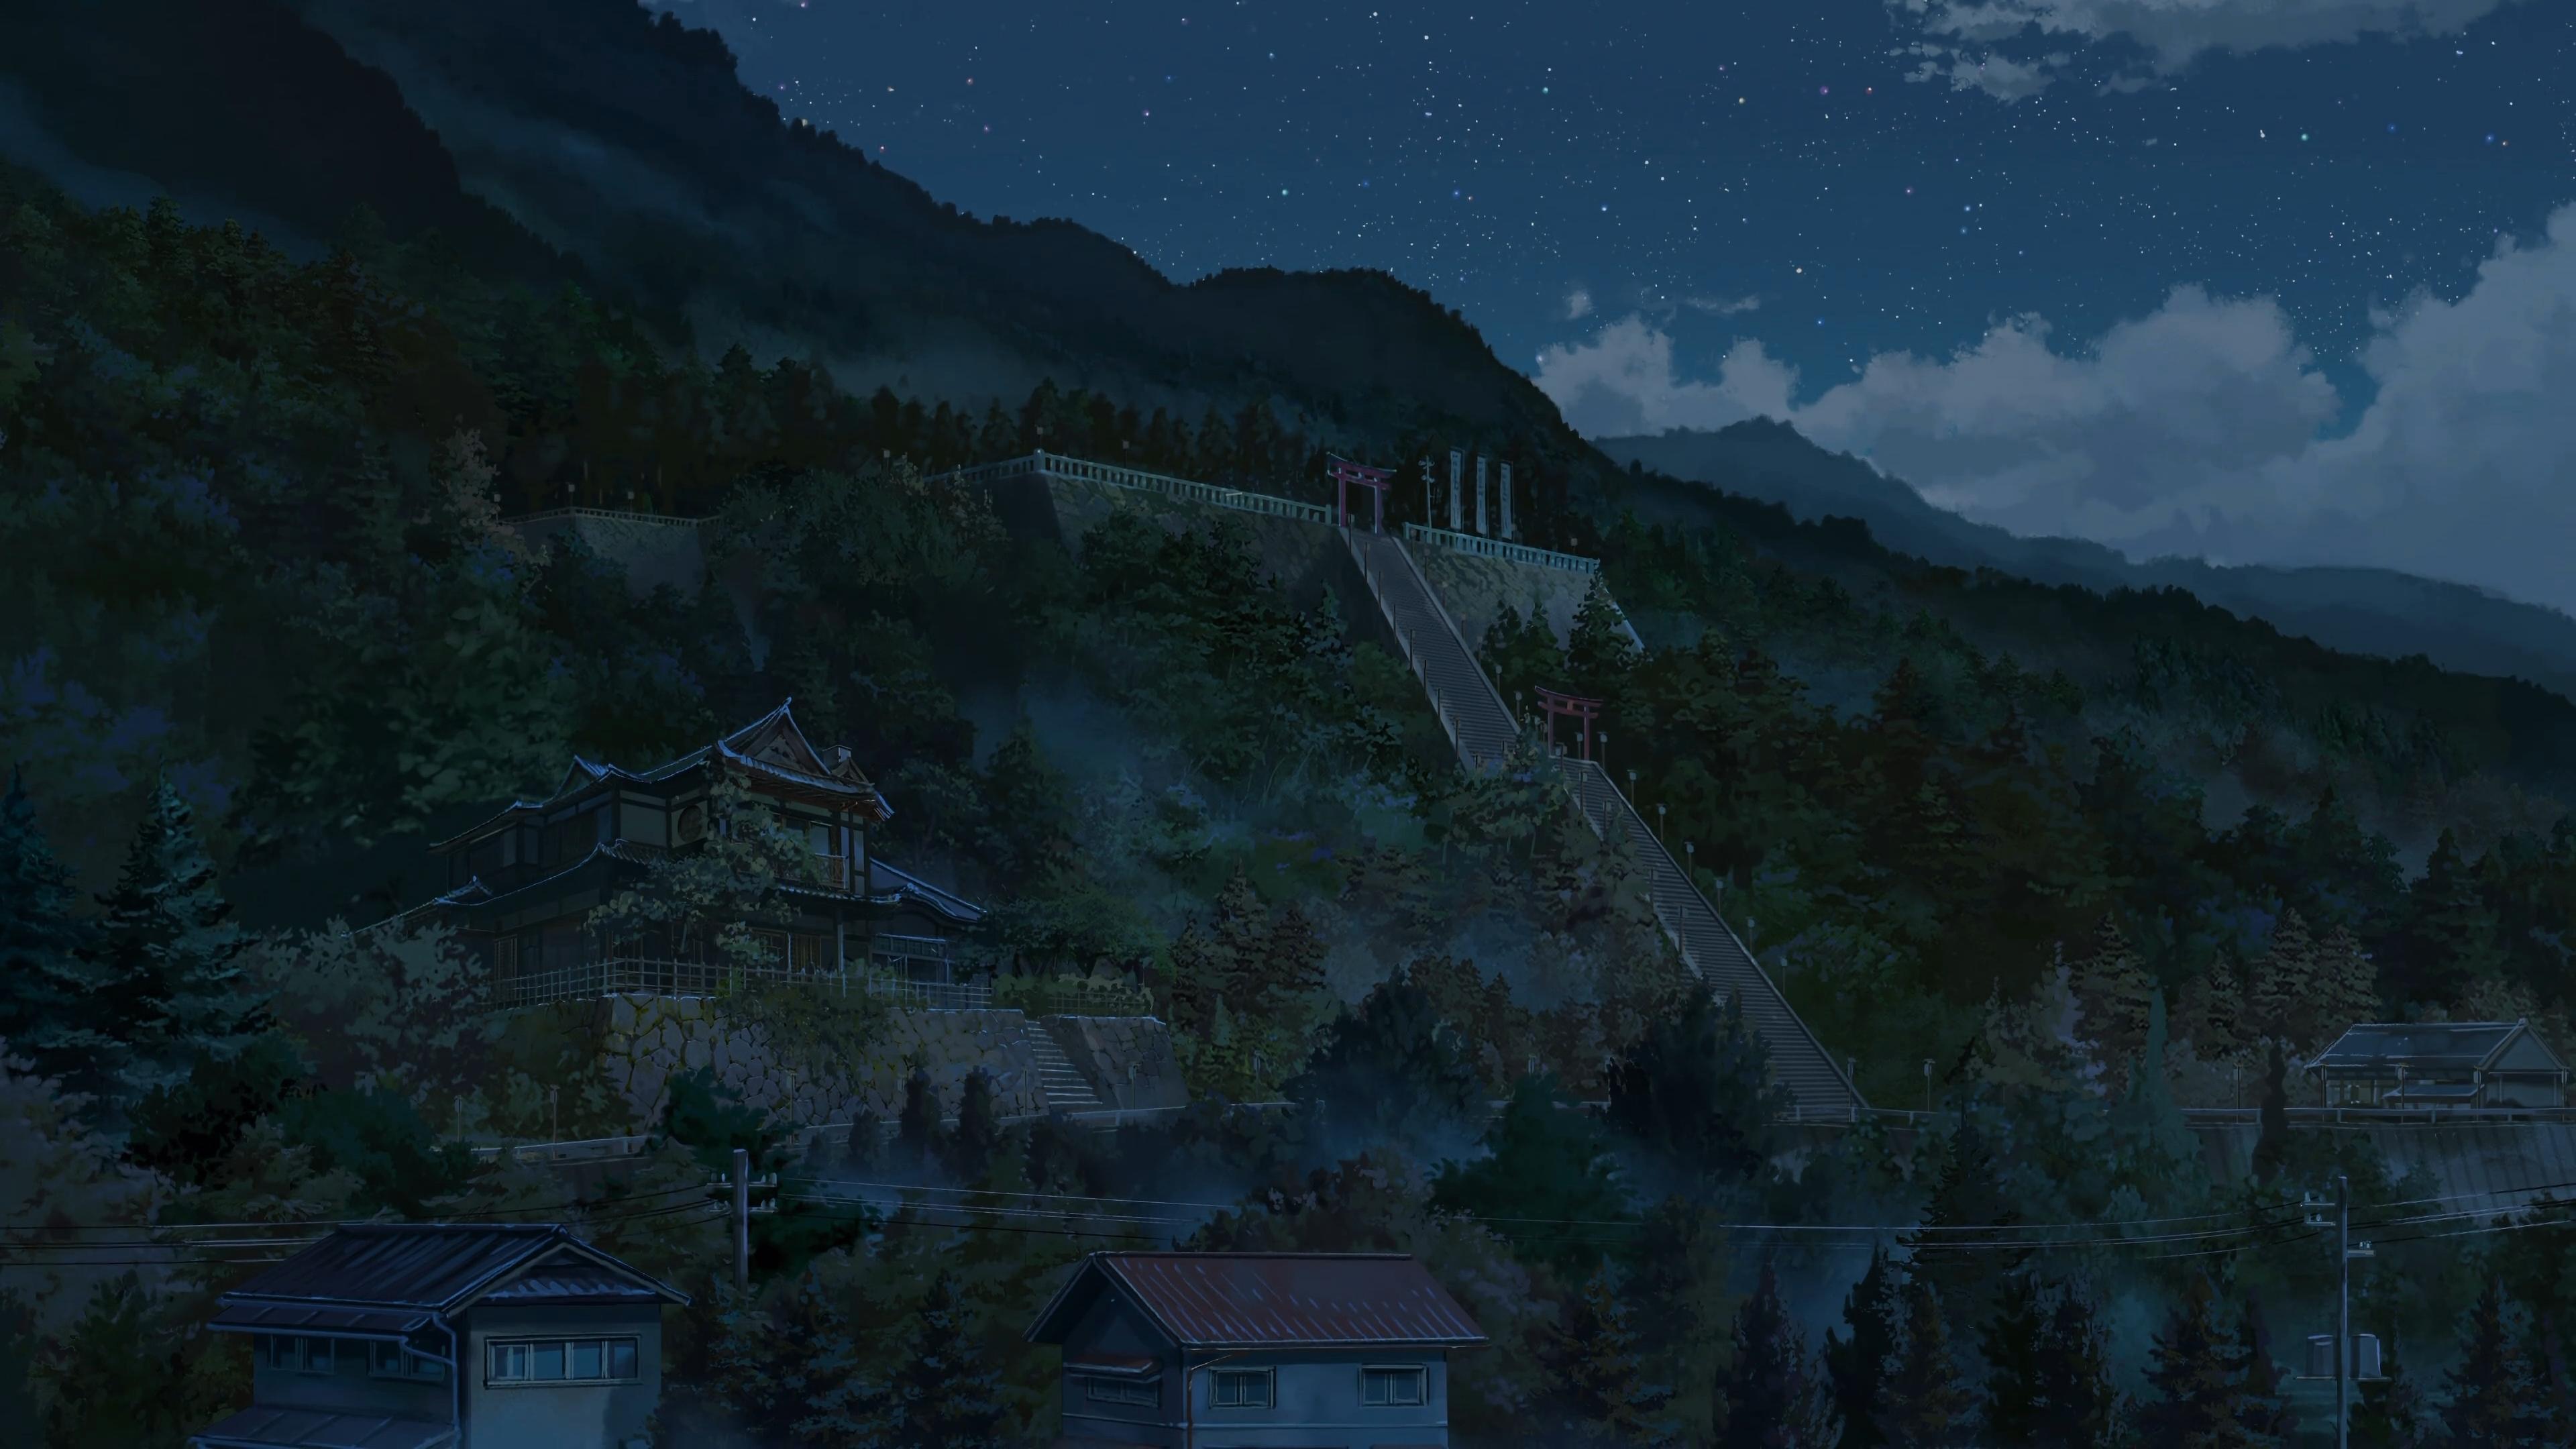 アニメ山の家gif 君の名は壁紙 3840x2160 Wallpapertip